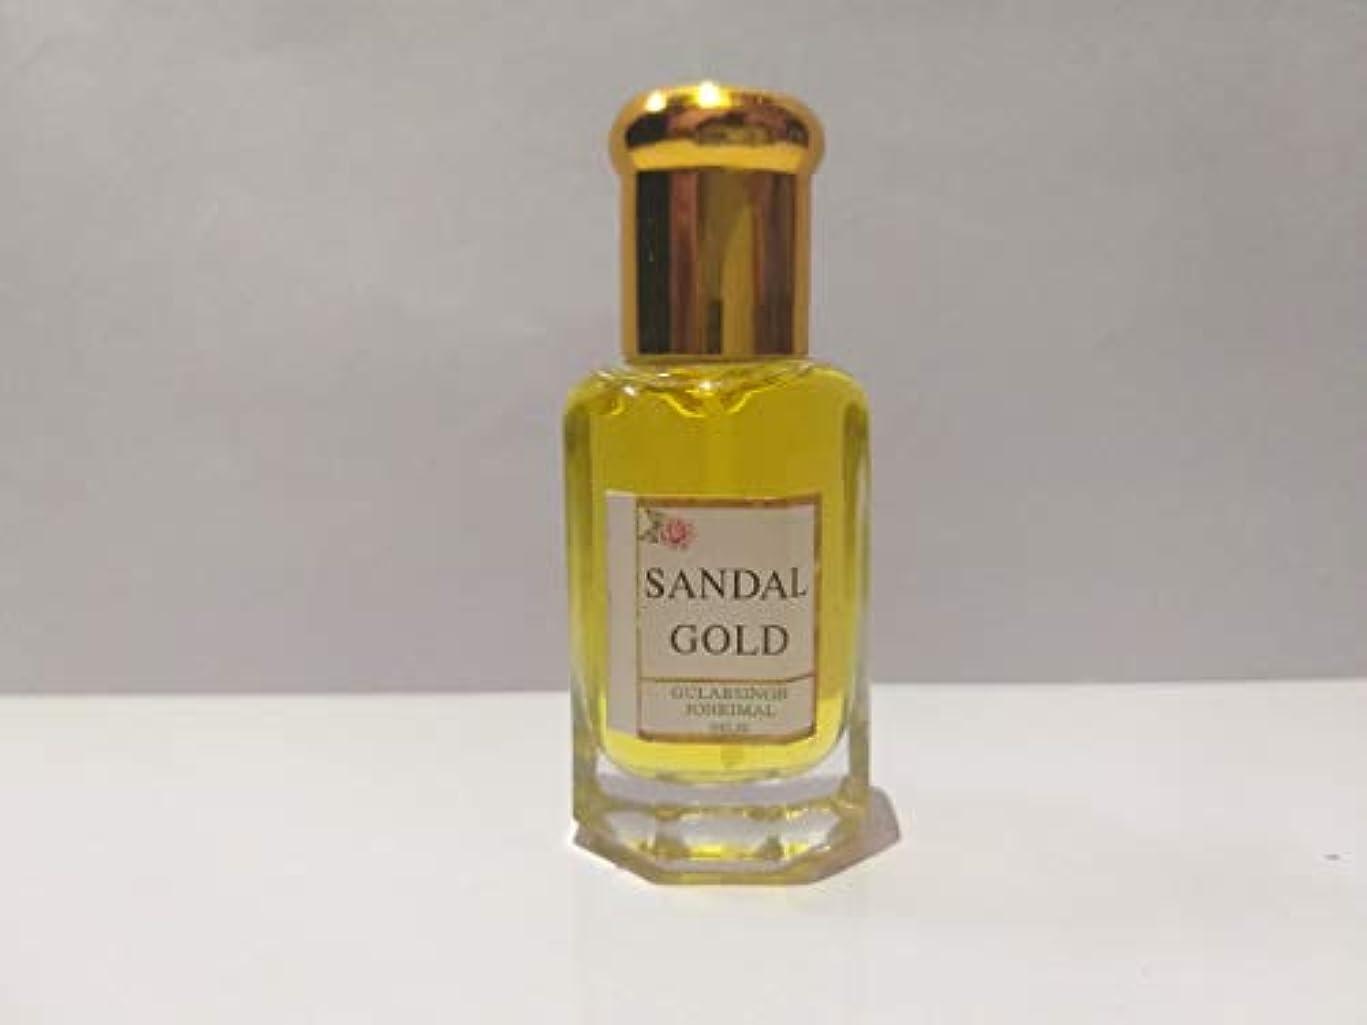 未来コマンドディーラーSandal/白檀 / Chandan Attar/Ittar concentrated Perfume Oil - 10ml Beautiful Aroma